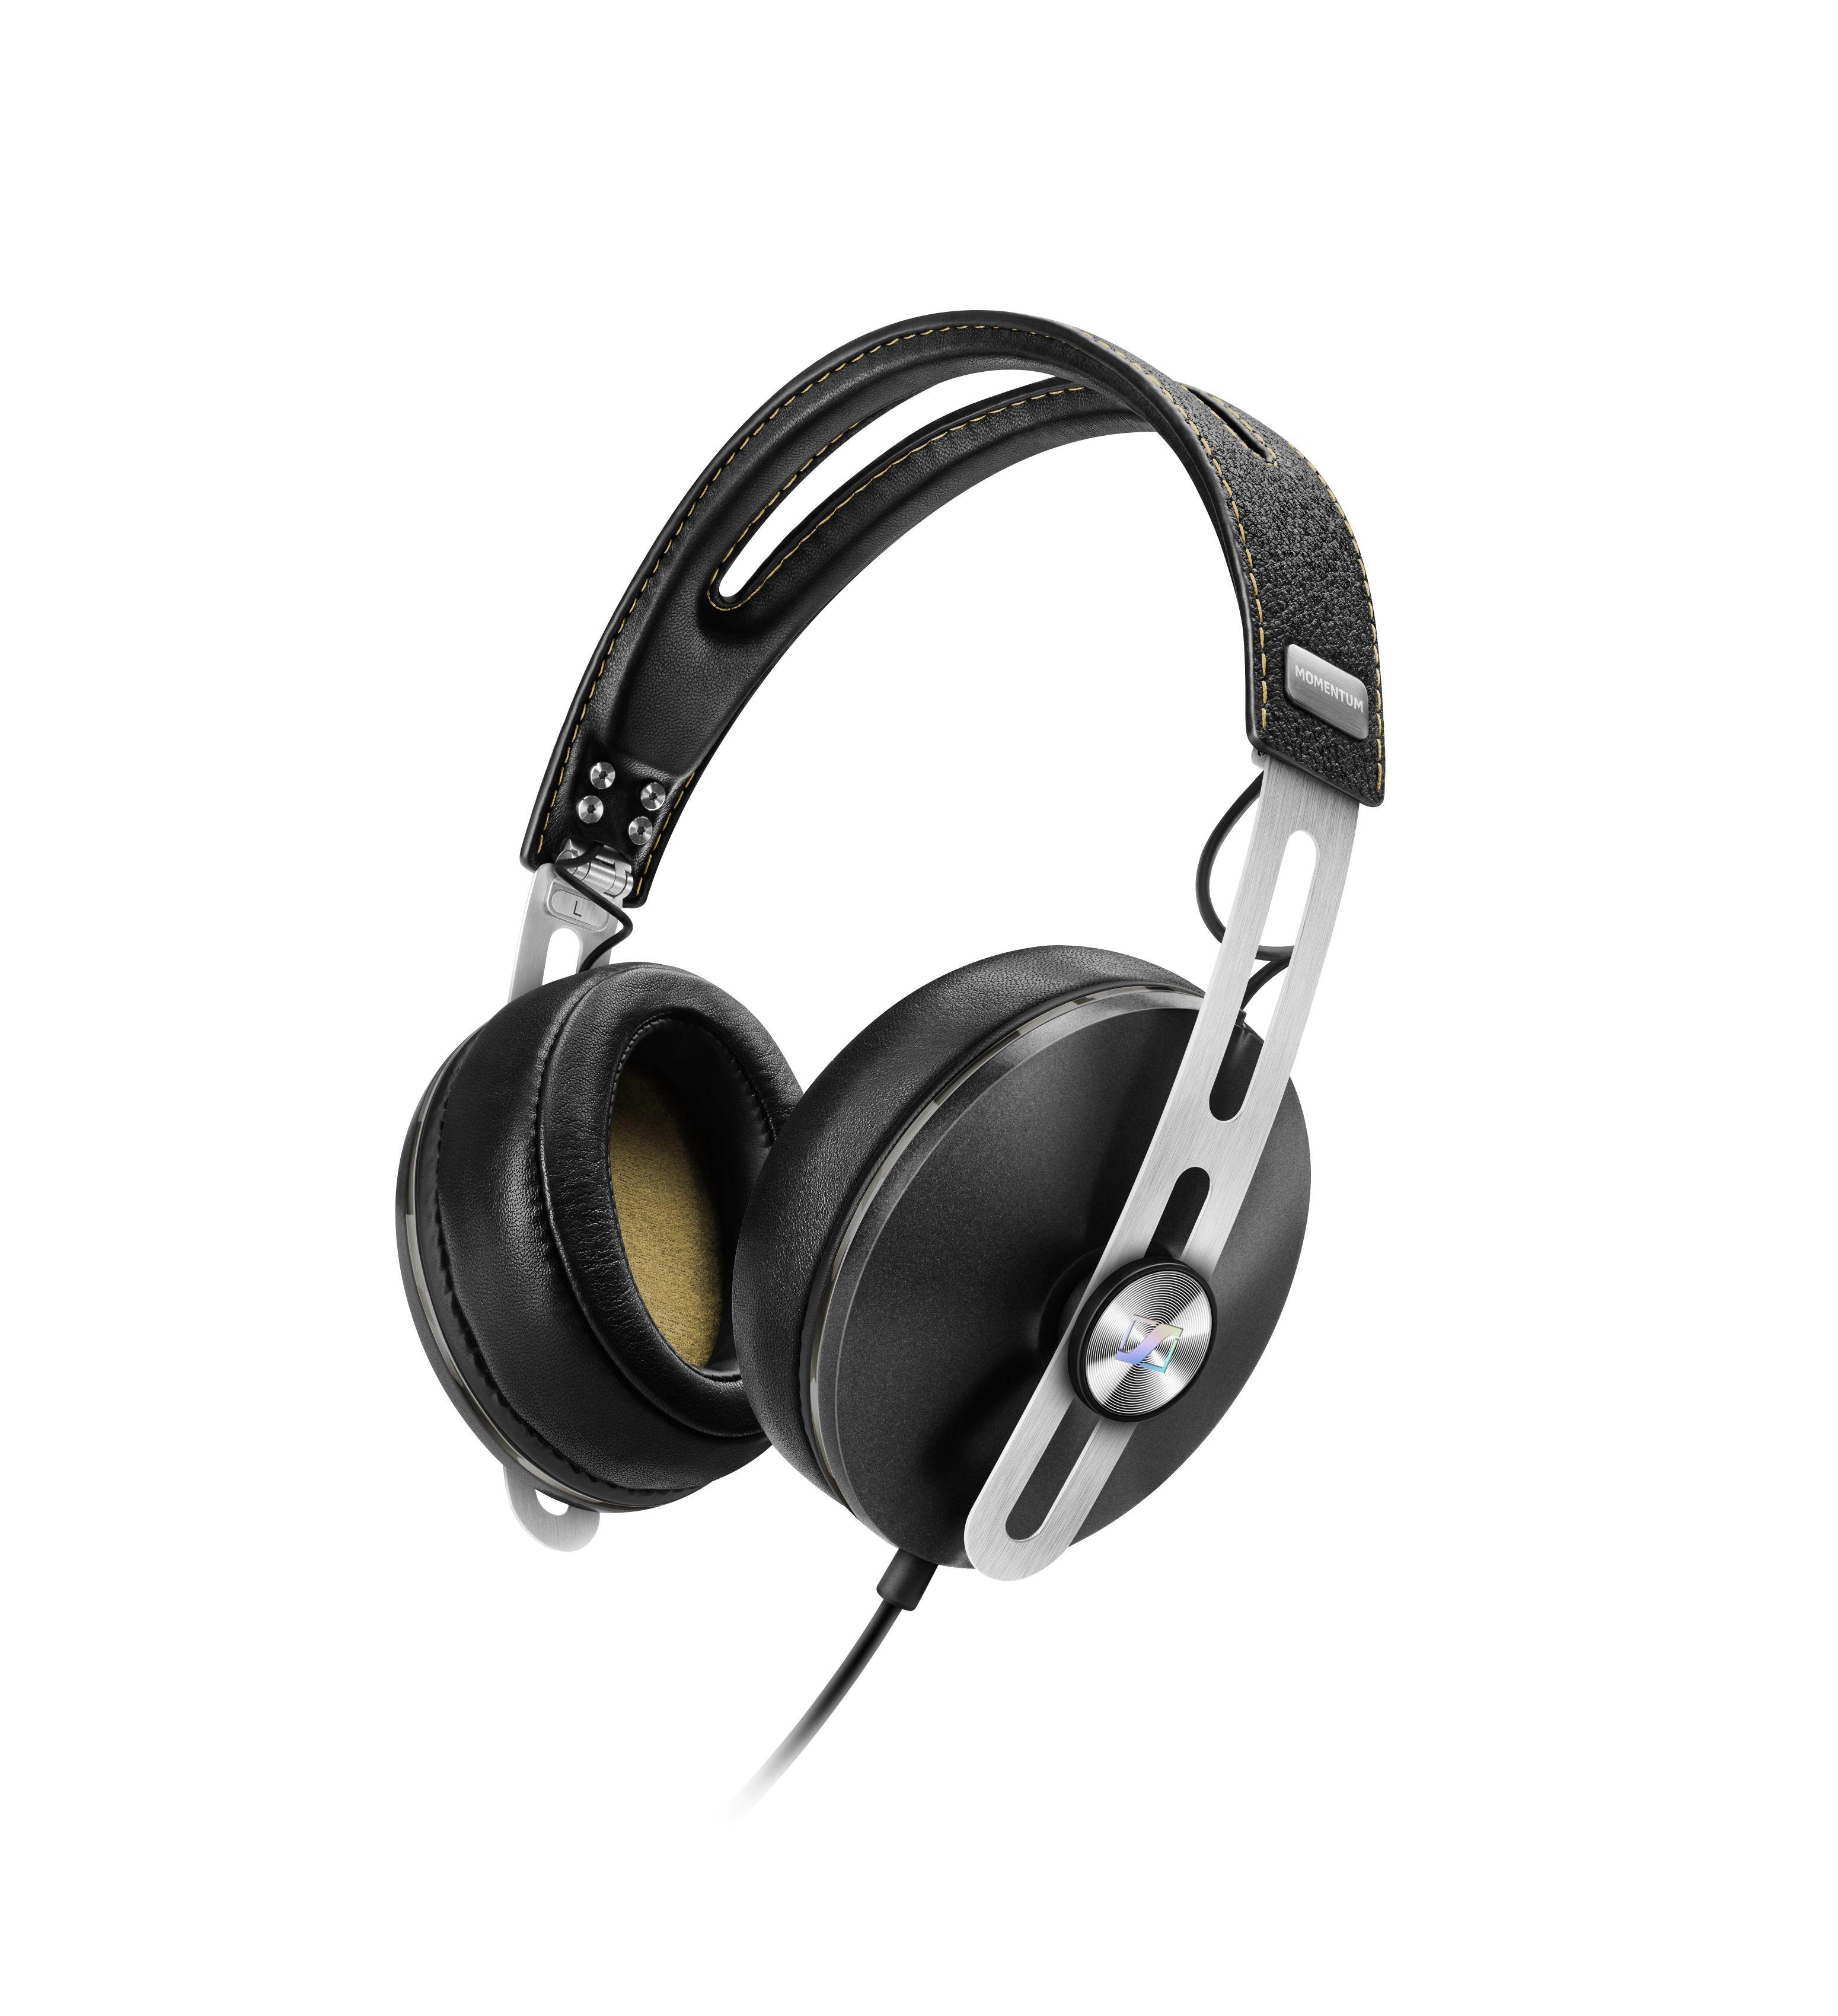 Наушники Sennheiser M2 OEG Black (MOMENTUM ON EAR 2.0)Наушники и гарнитуры<br><br><br>Тип: наушники<br>Тип акустического оформления: Закрытые<br>Вид наушников: Накладные<br>Тип подключения: Проводные<br>Диапазон воспроизводимых частот, Гц: 16 - 22 000<br>Сопротивление, Импеданс: 18 Ом<br>Чувствительность дБ: 112